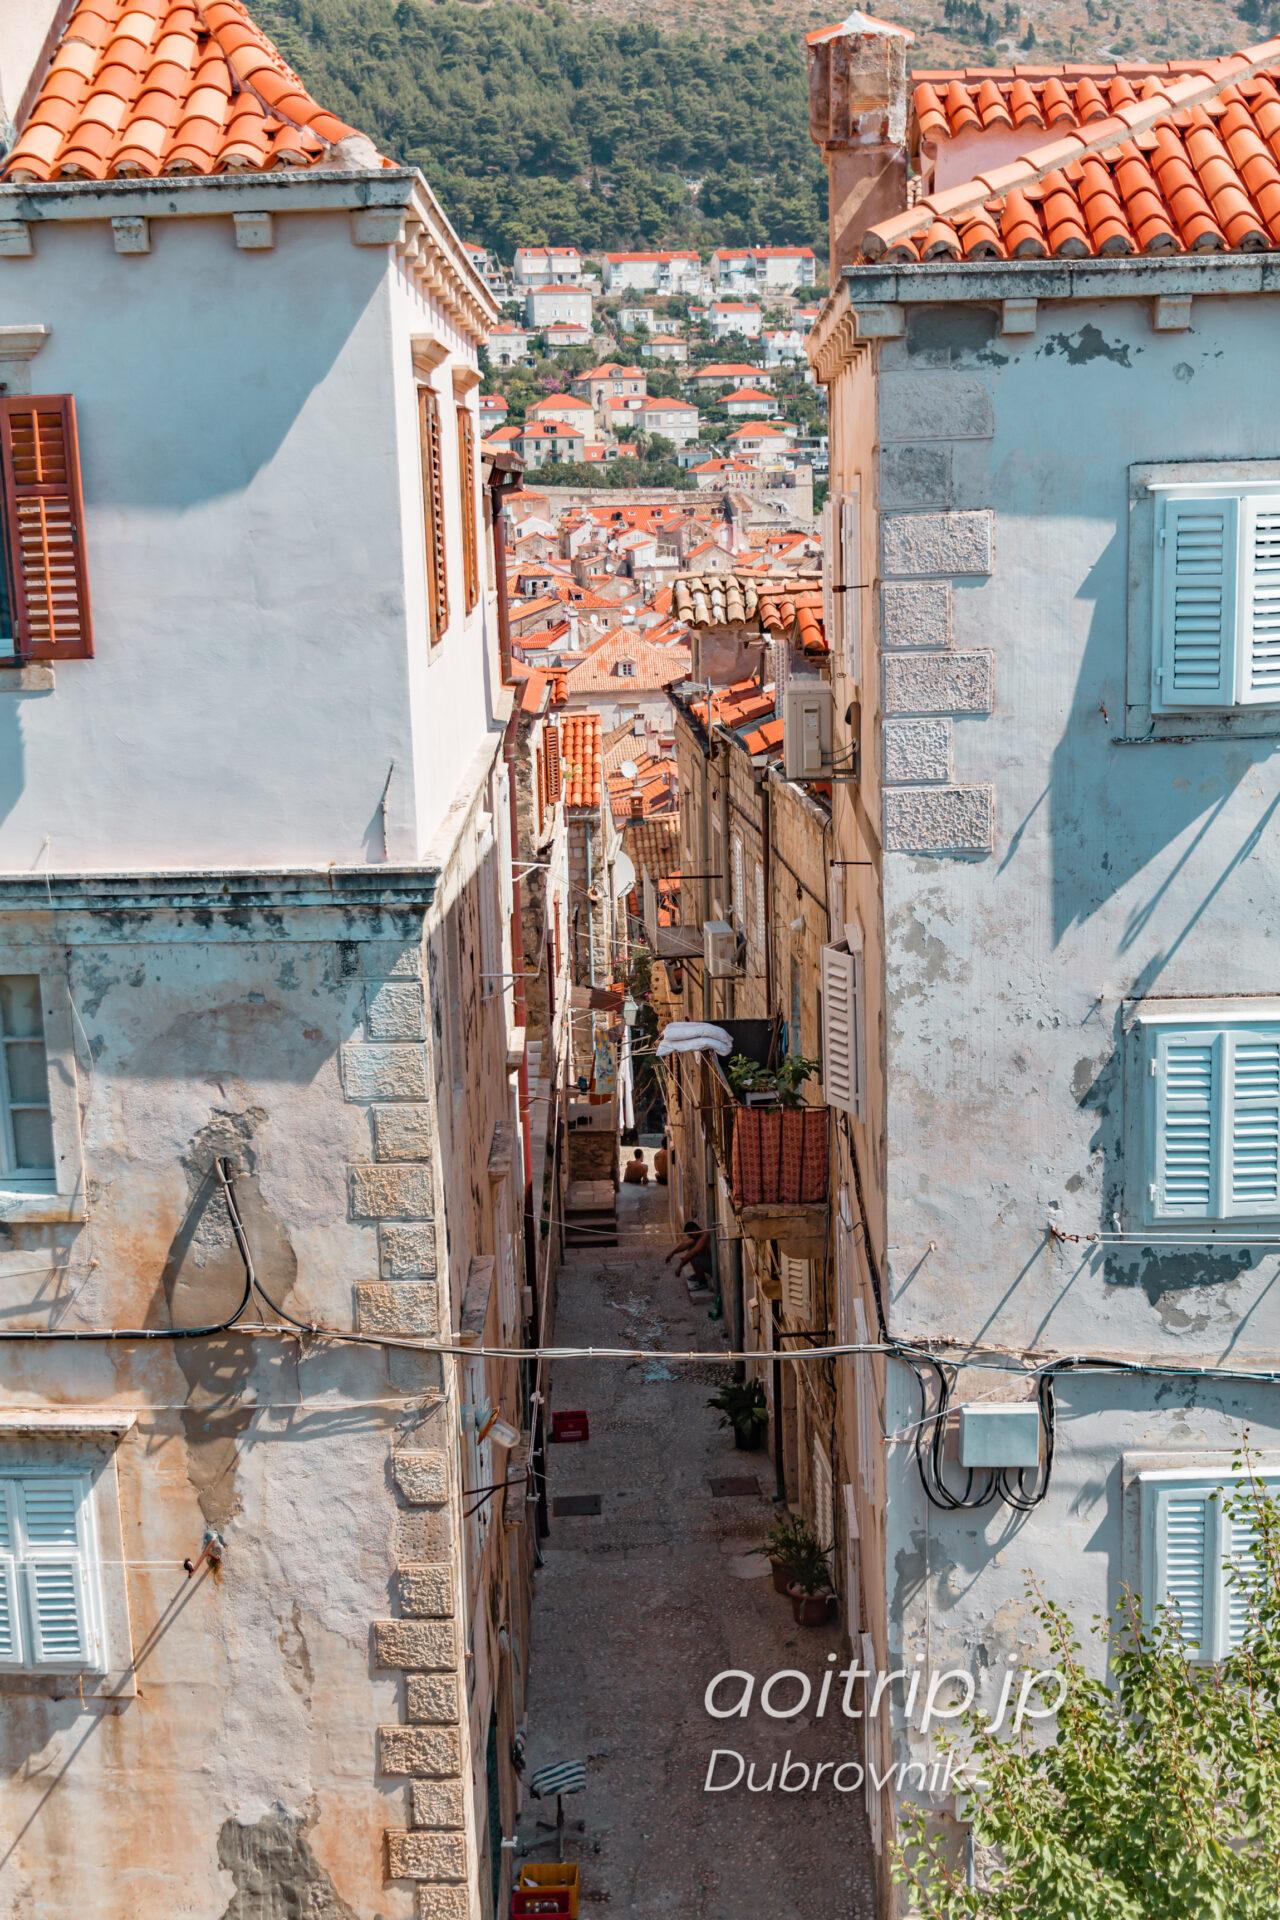 ドブロヴニク 城壁の遊歩道